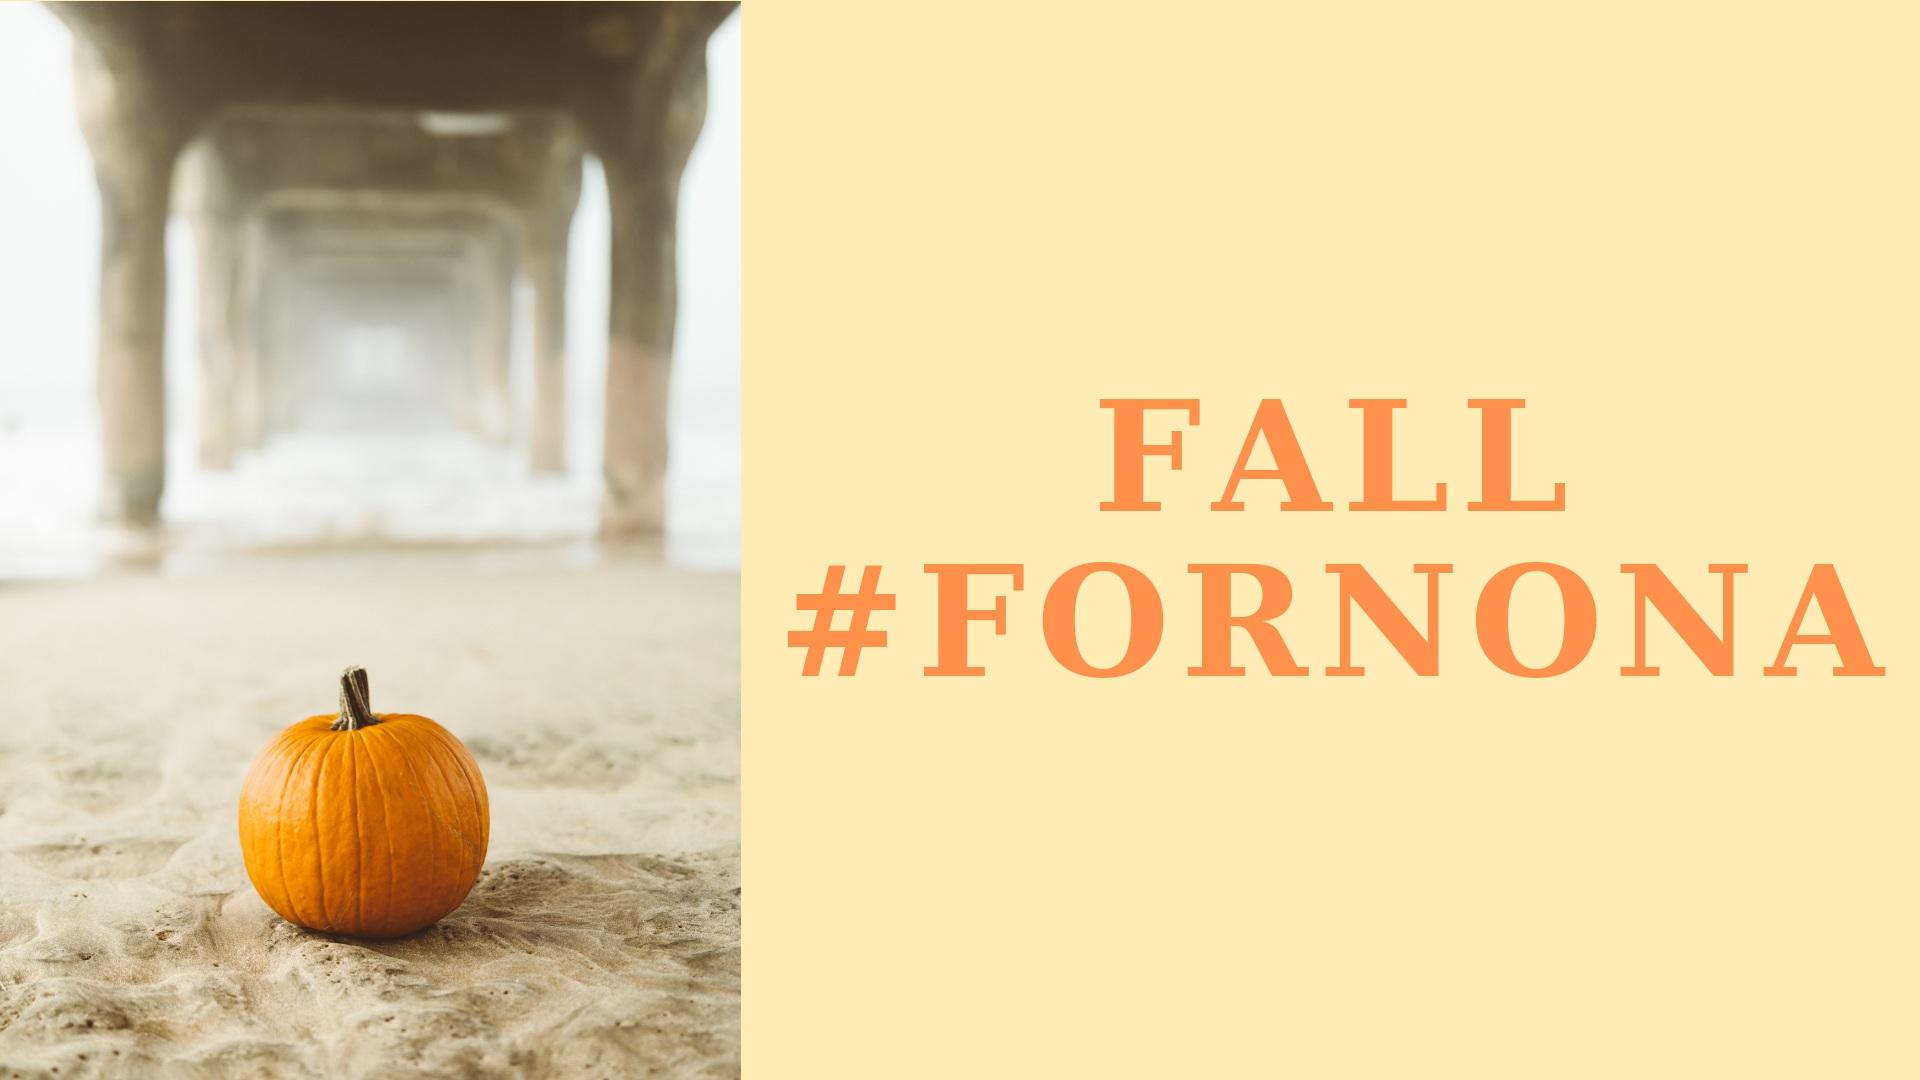 Fall+%23fornona.jpg